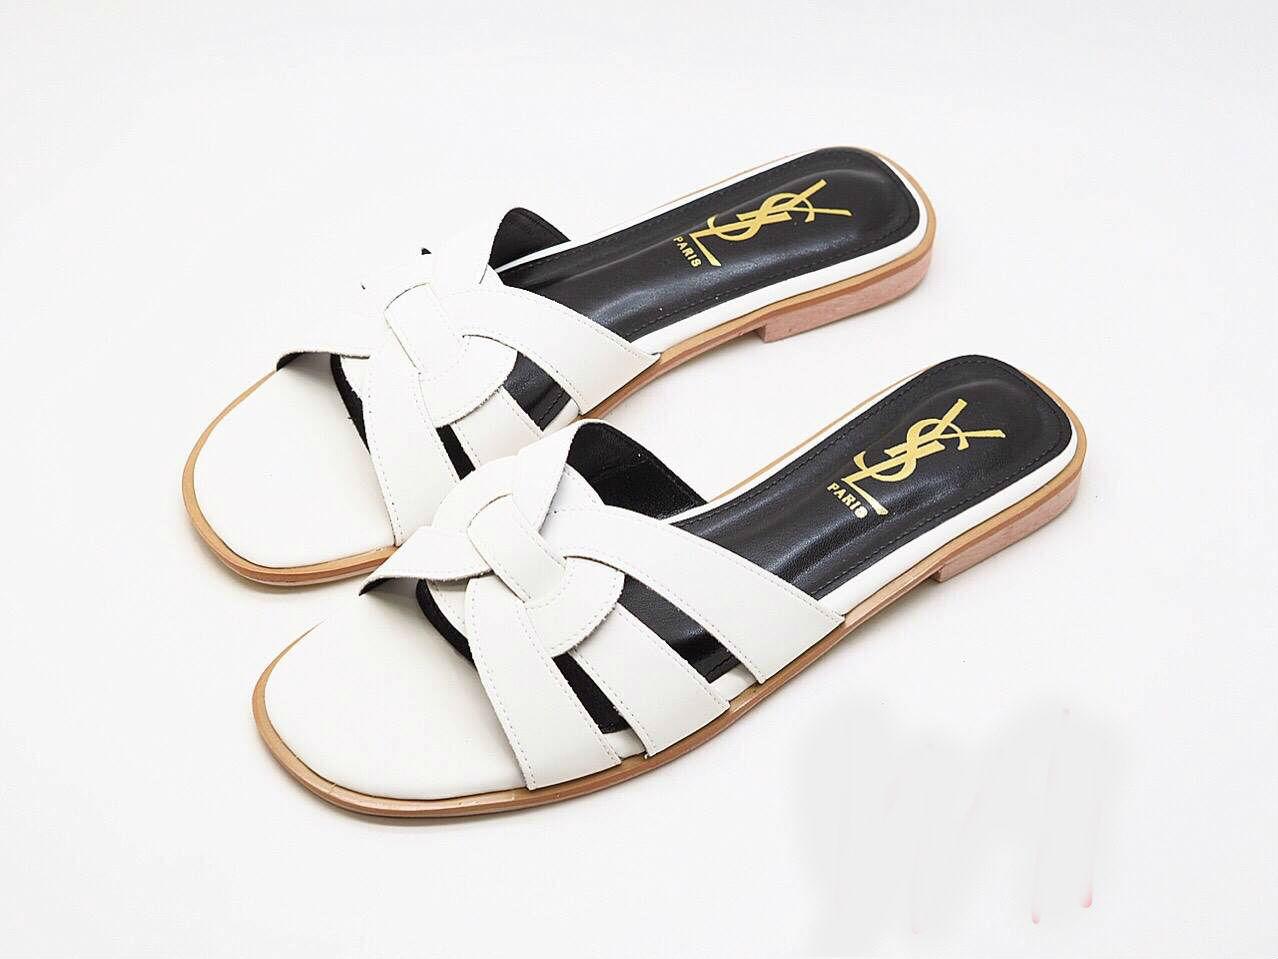 รองเท้าแตะแฟชั่น แบบสวม คาดหน้าสไตล์อีฟแซงสวยเก๋ อินเทรนด์ หนังนิ่ม ทรงสวย ใส่สบาย แมทสวยได้ทุกชุด (FT-607)